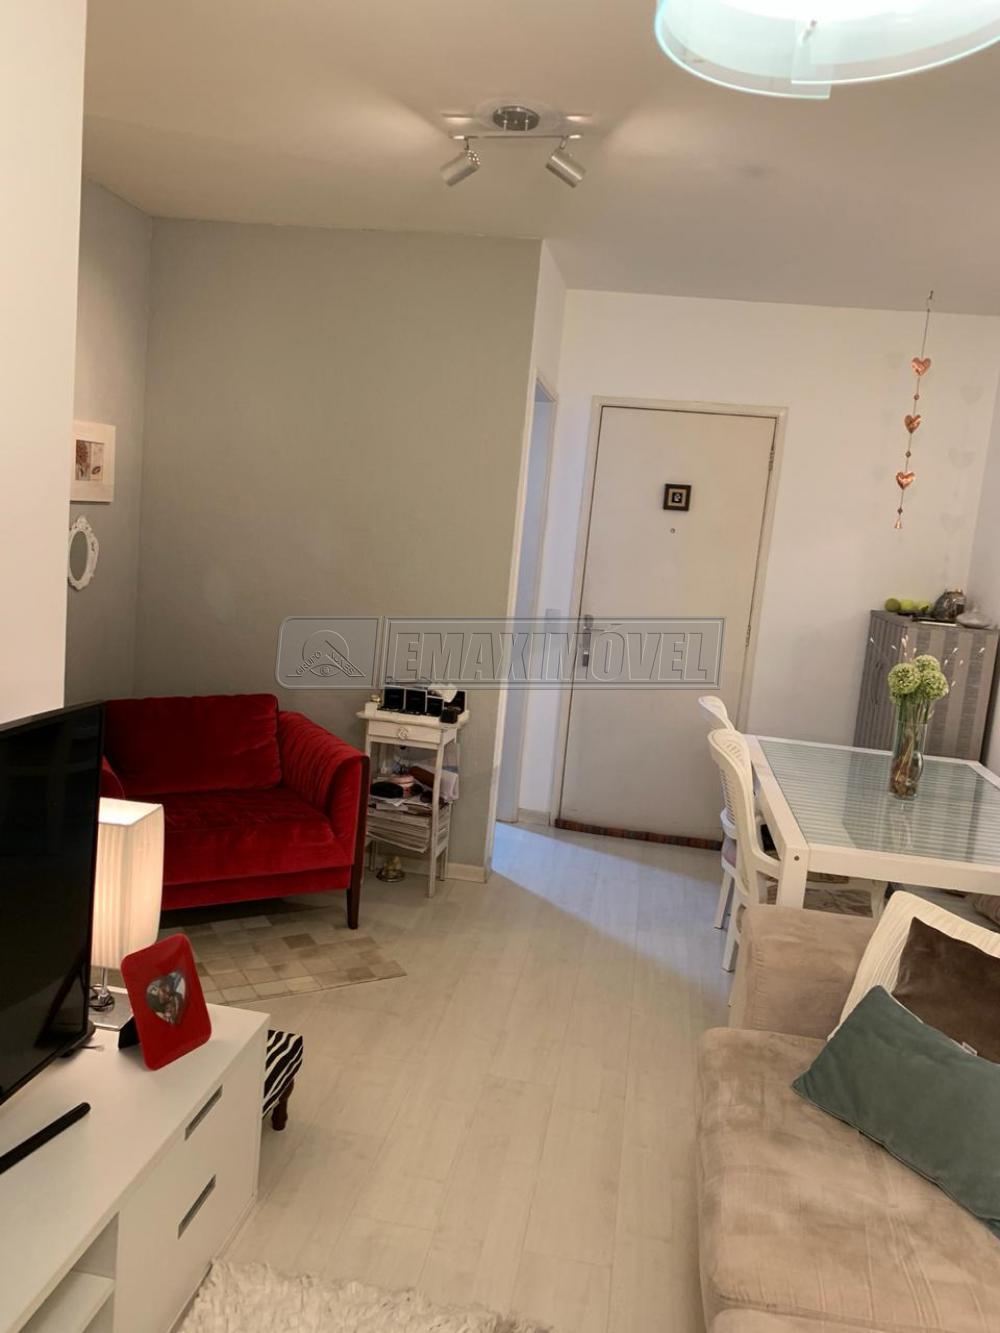 Comprar Apartamento / Padrão em Sorocaba R$ 195.000,00 - Foto 2